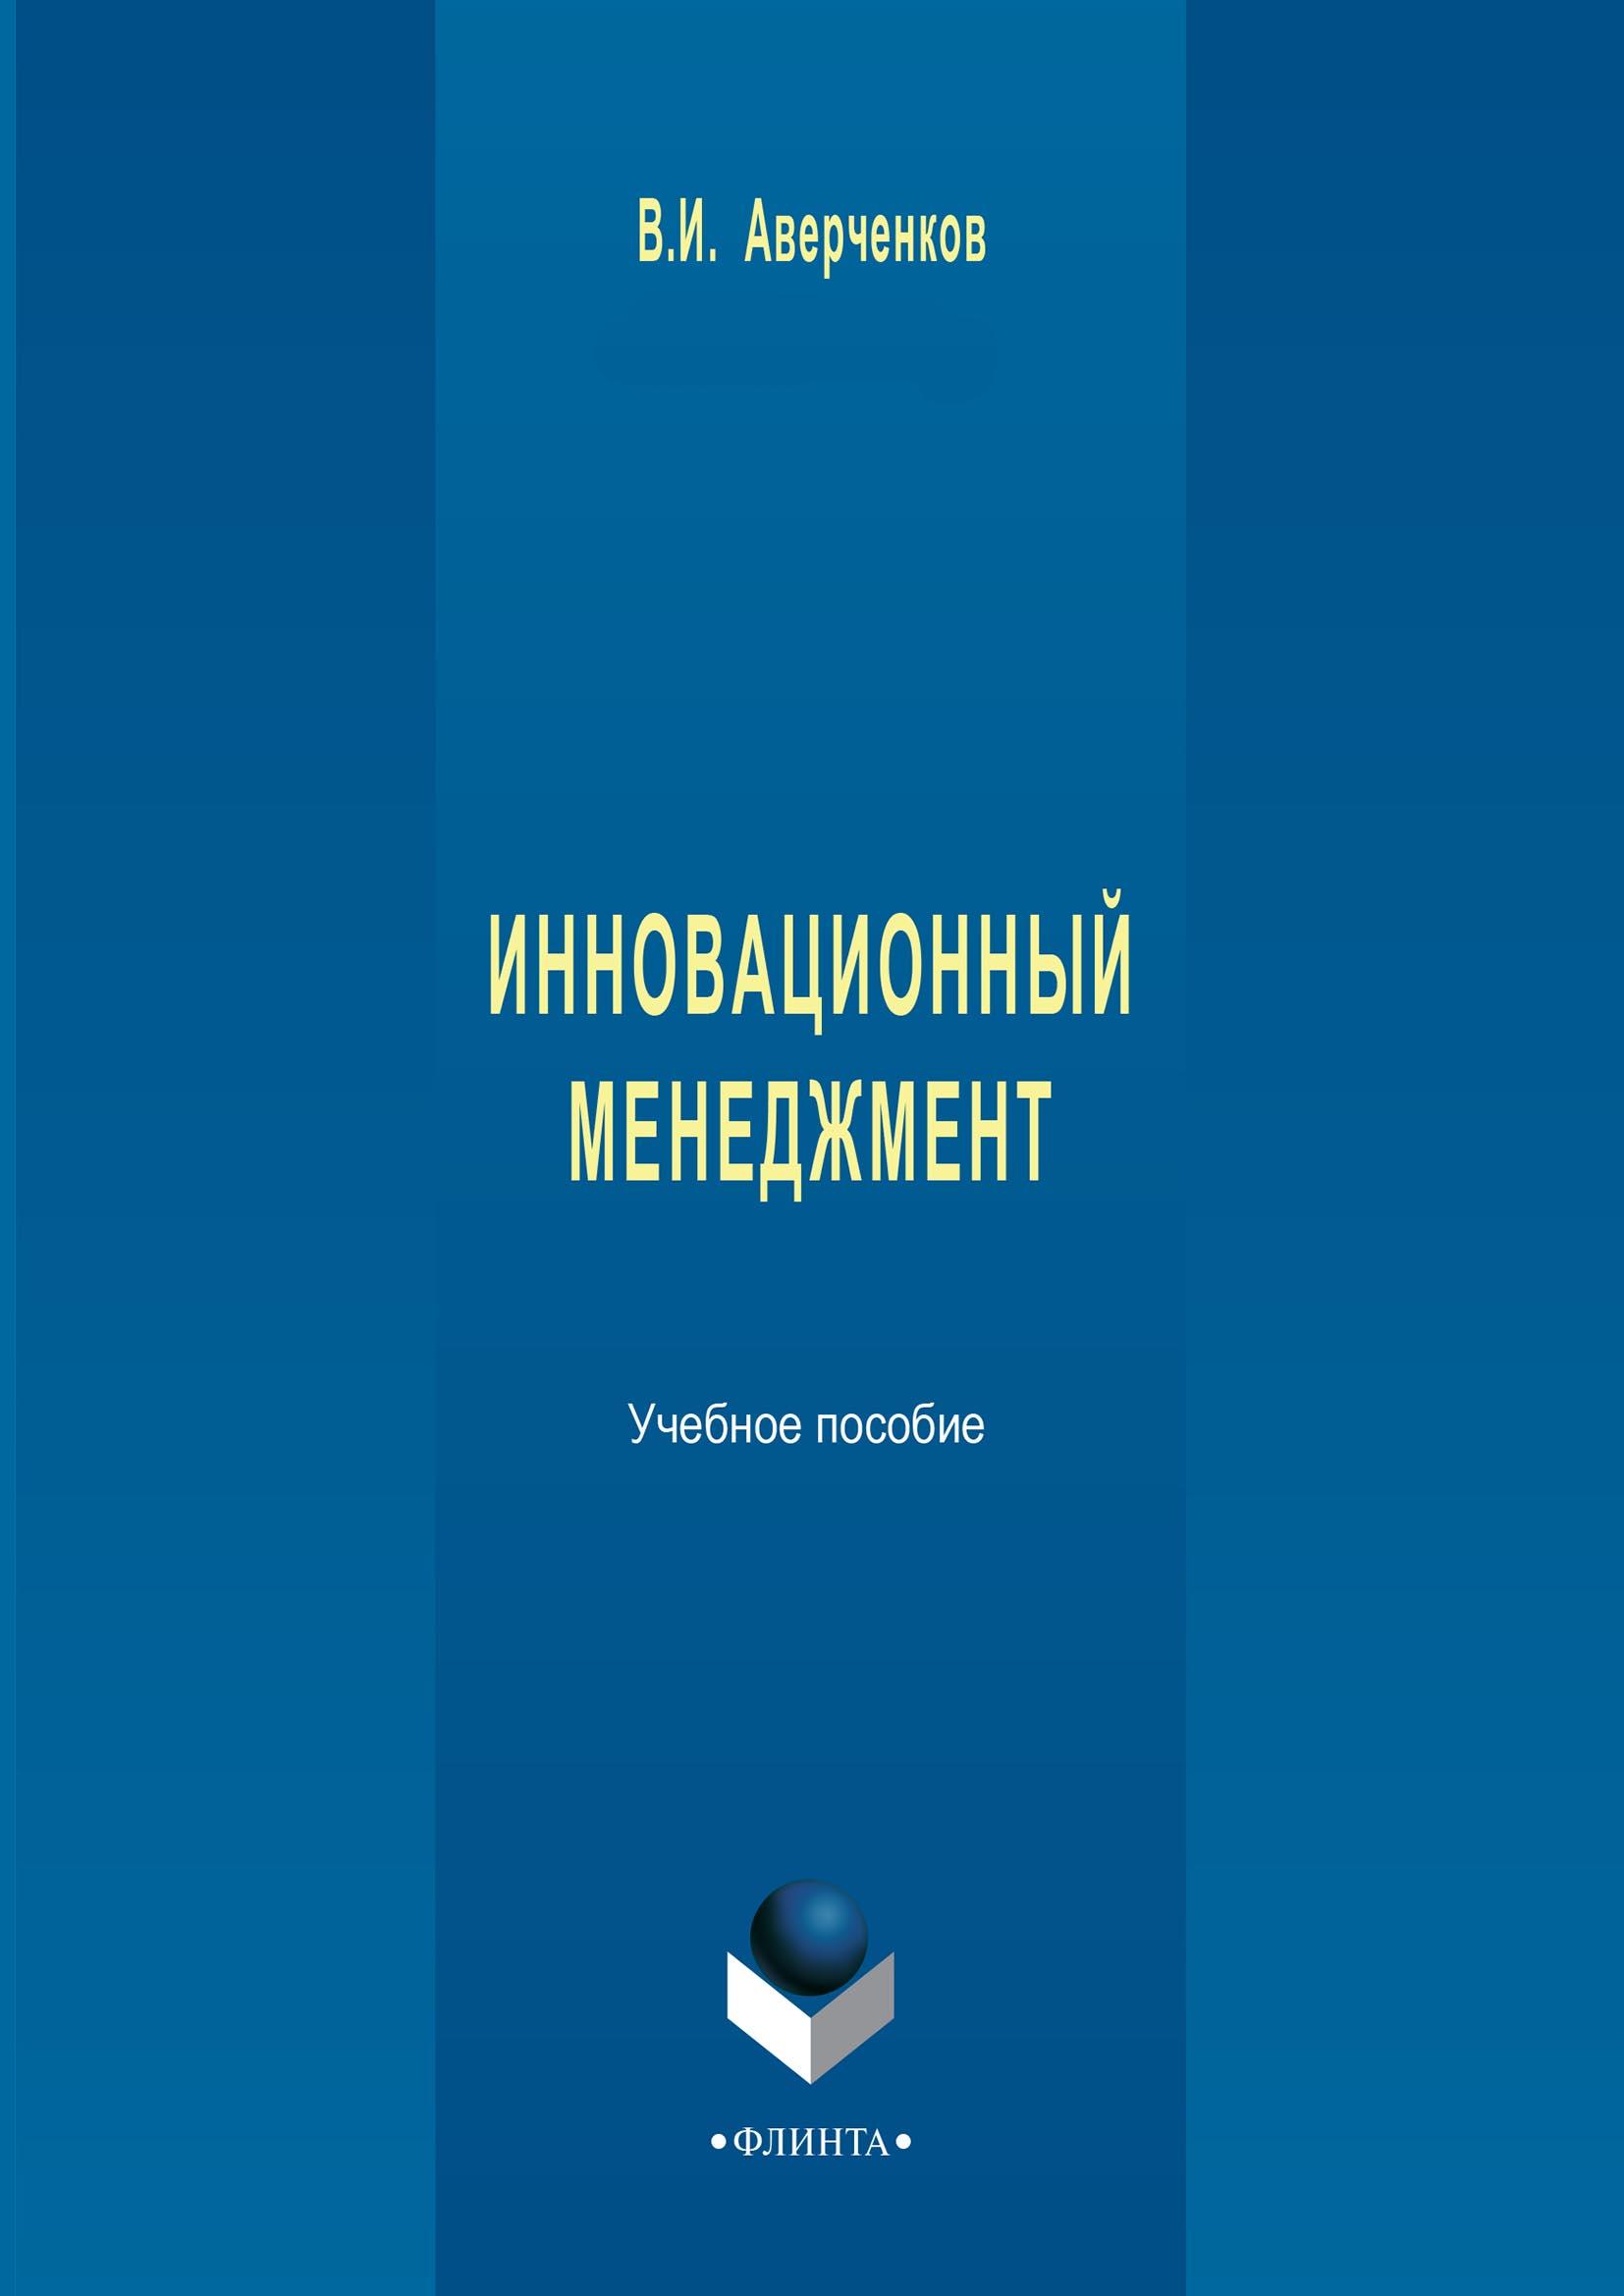 Обложка книги Инновационный менеджмент. Учебное пособие